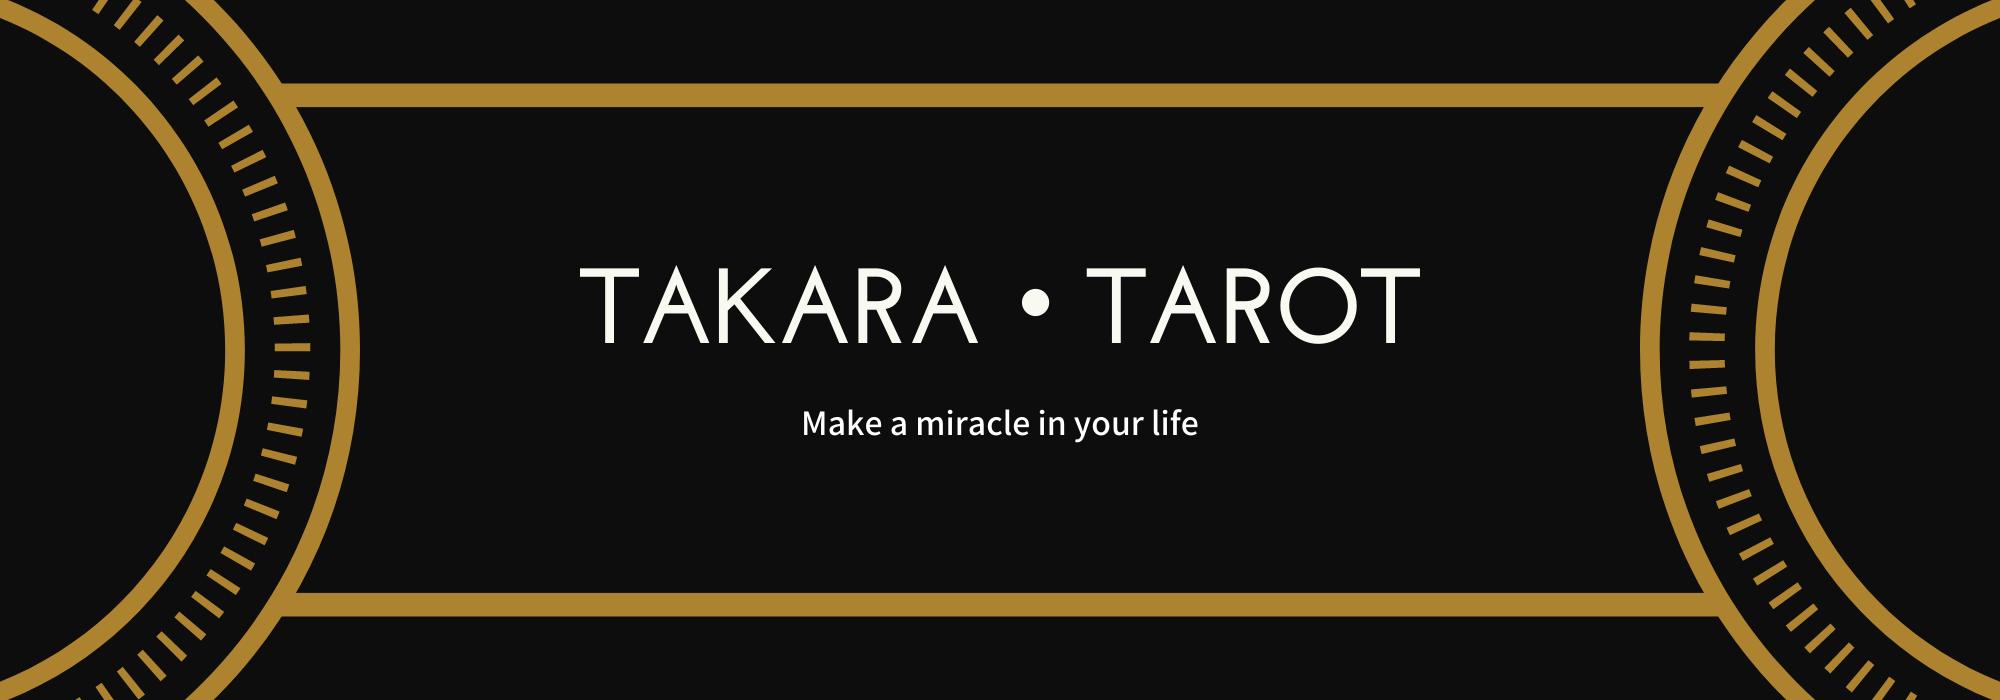 takara ・ tarot